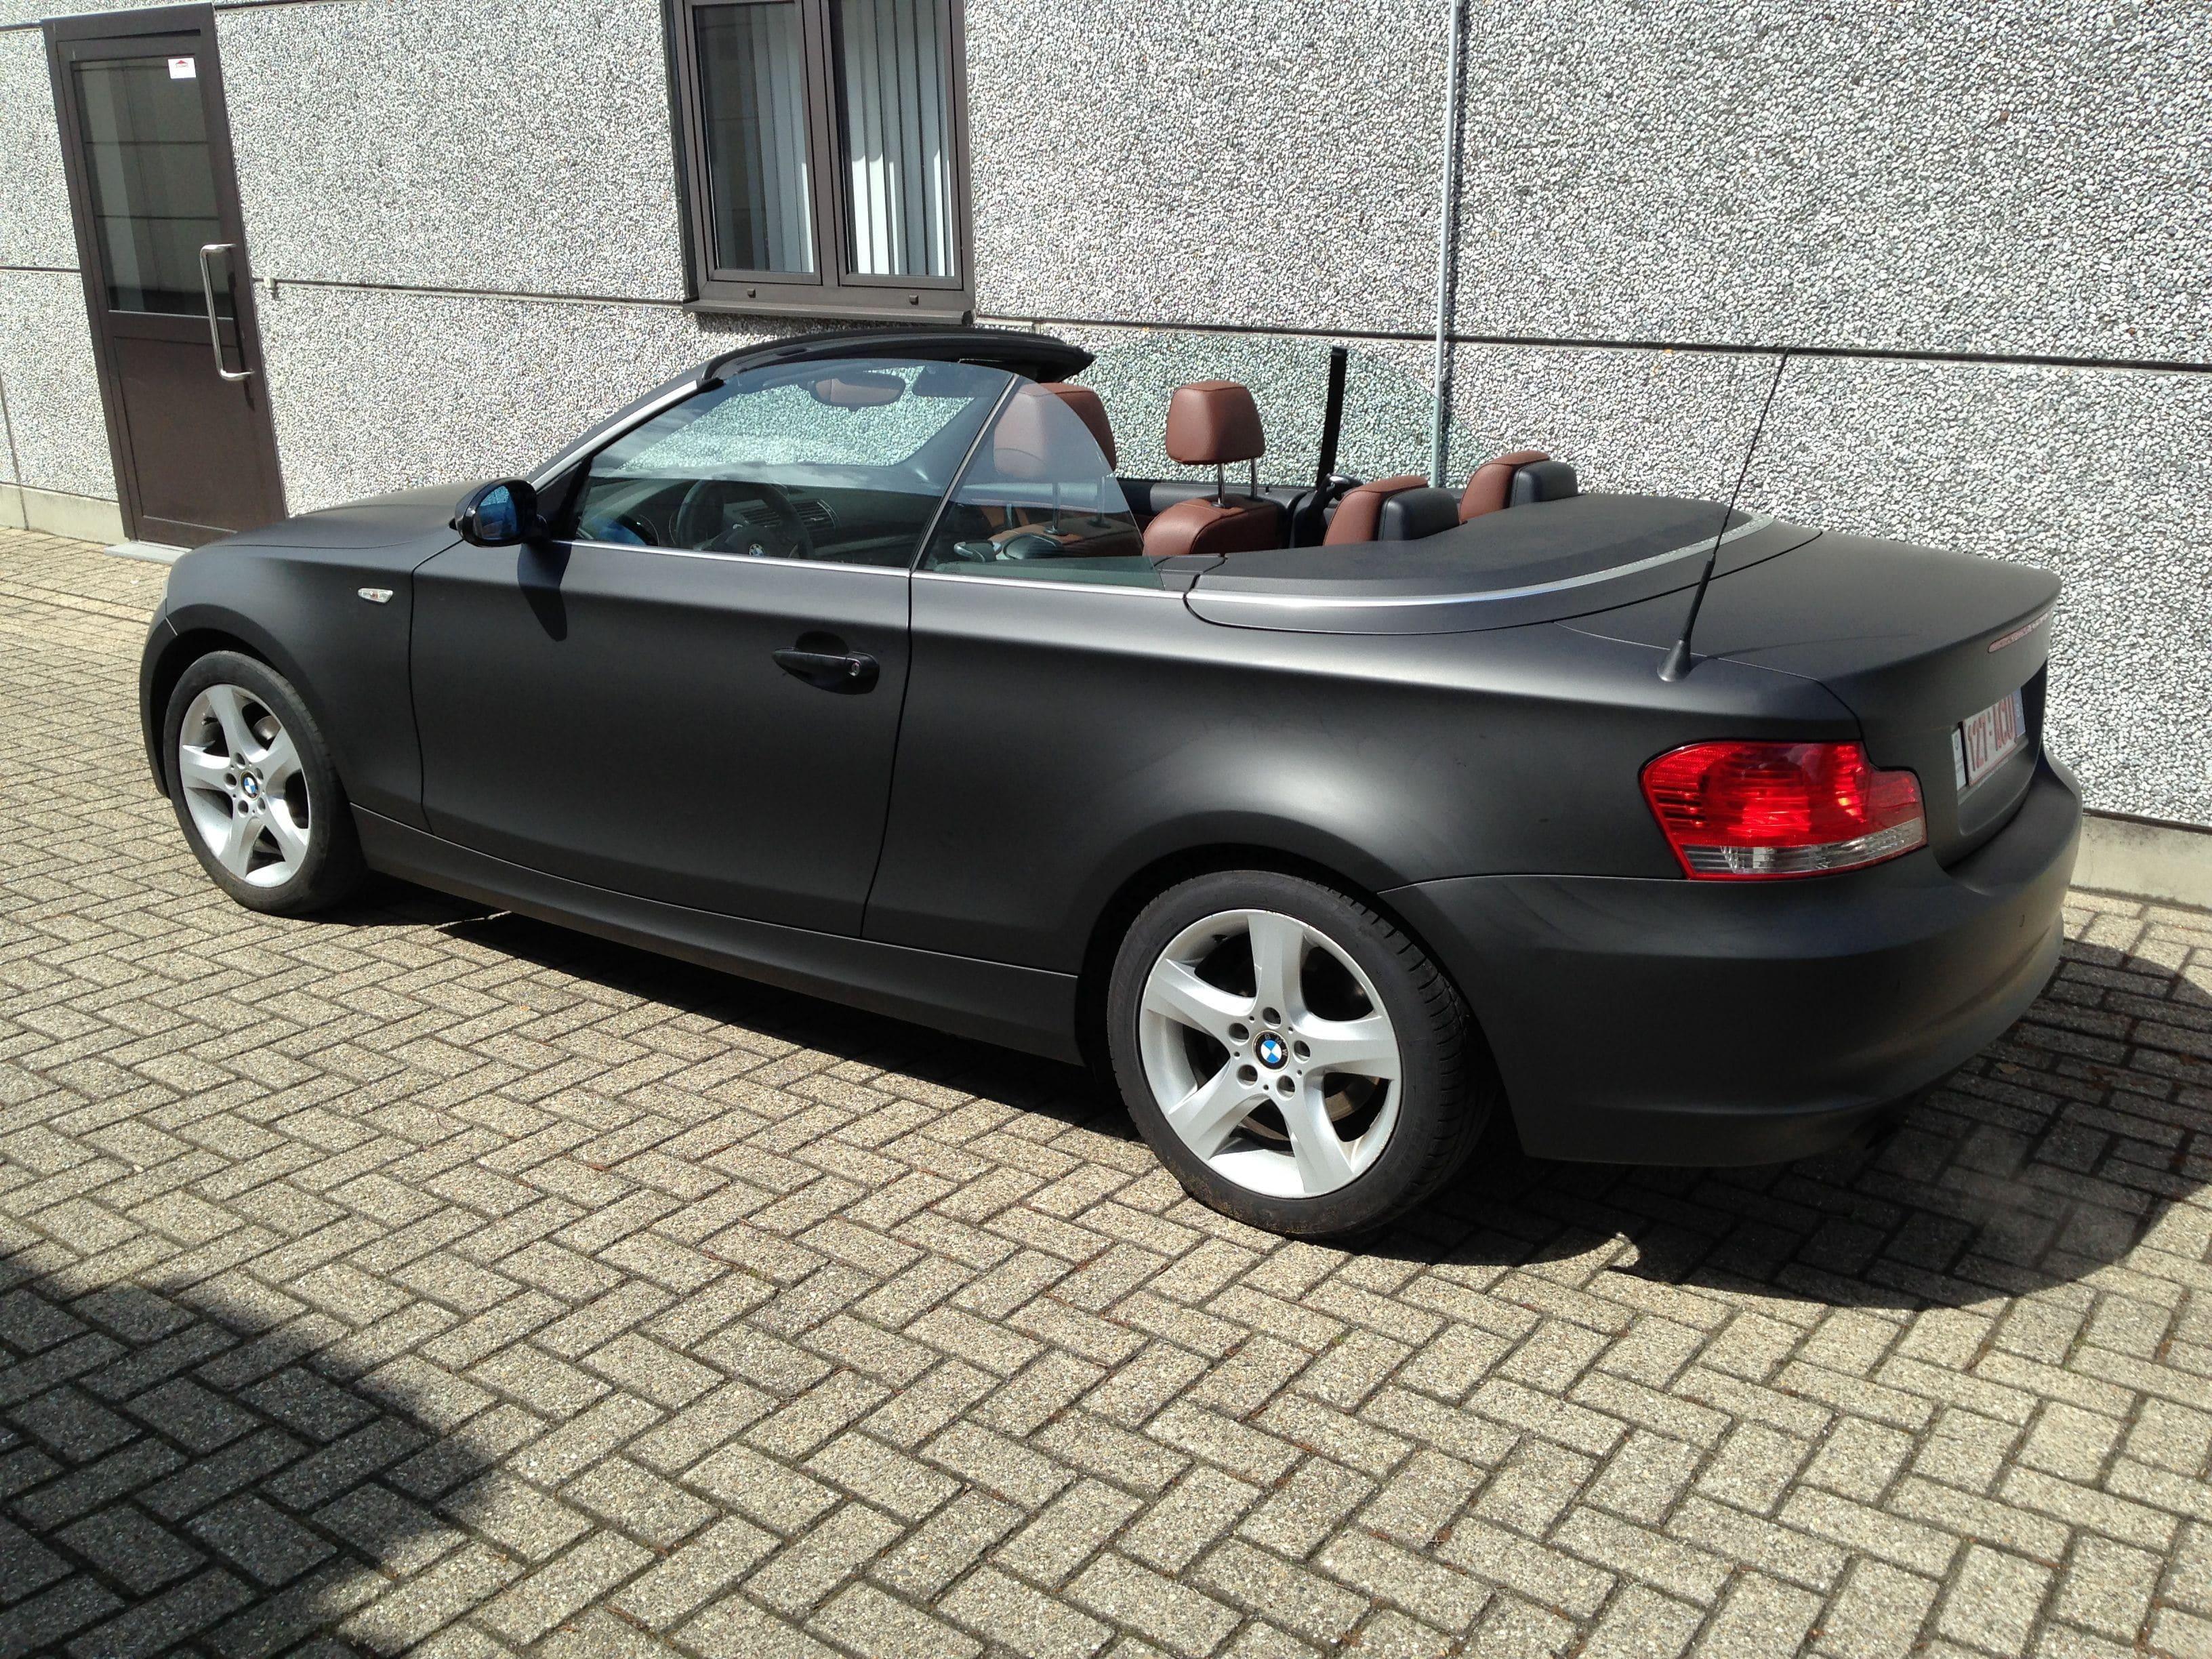 BMW 1 Serie Cabrio met Mat Zwarte Wrap, Carwrapping door Wrapmyride.nu Foto-nr:5197, ©2021